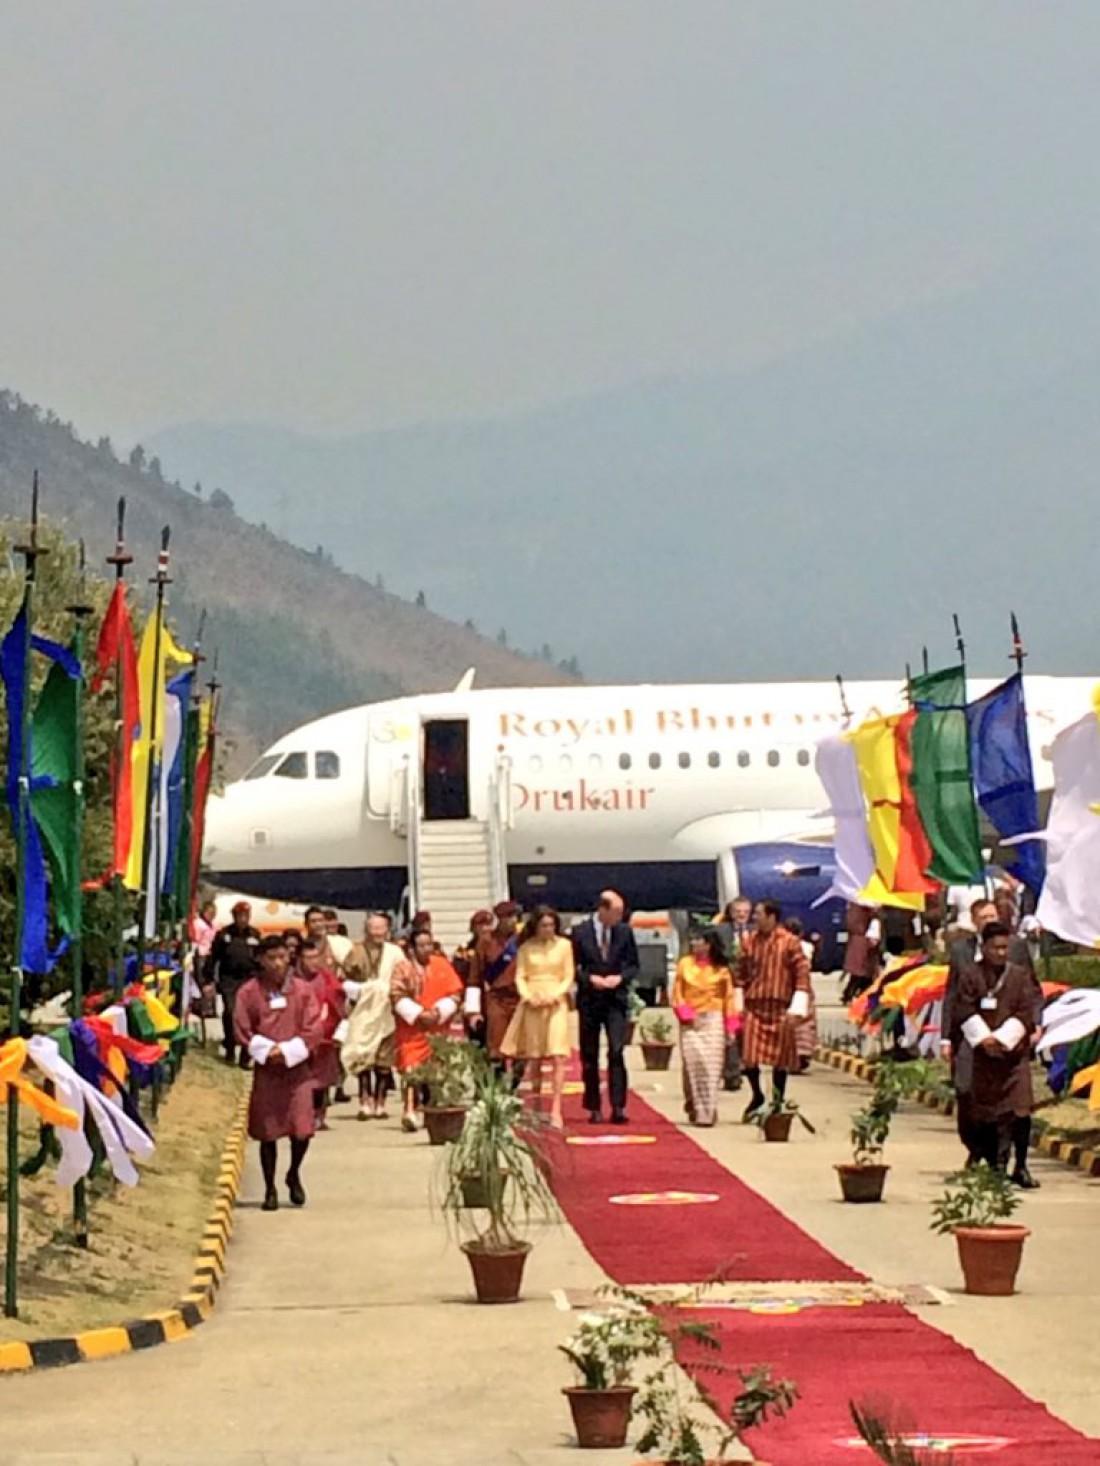 Самолет принца Уильяма и Кейт Миддлтон преземлился в Бутане